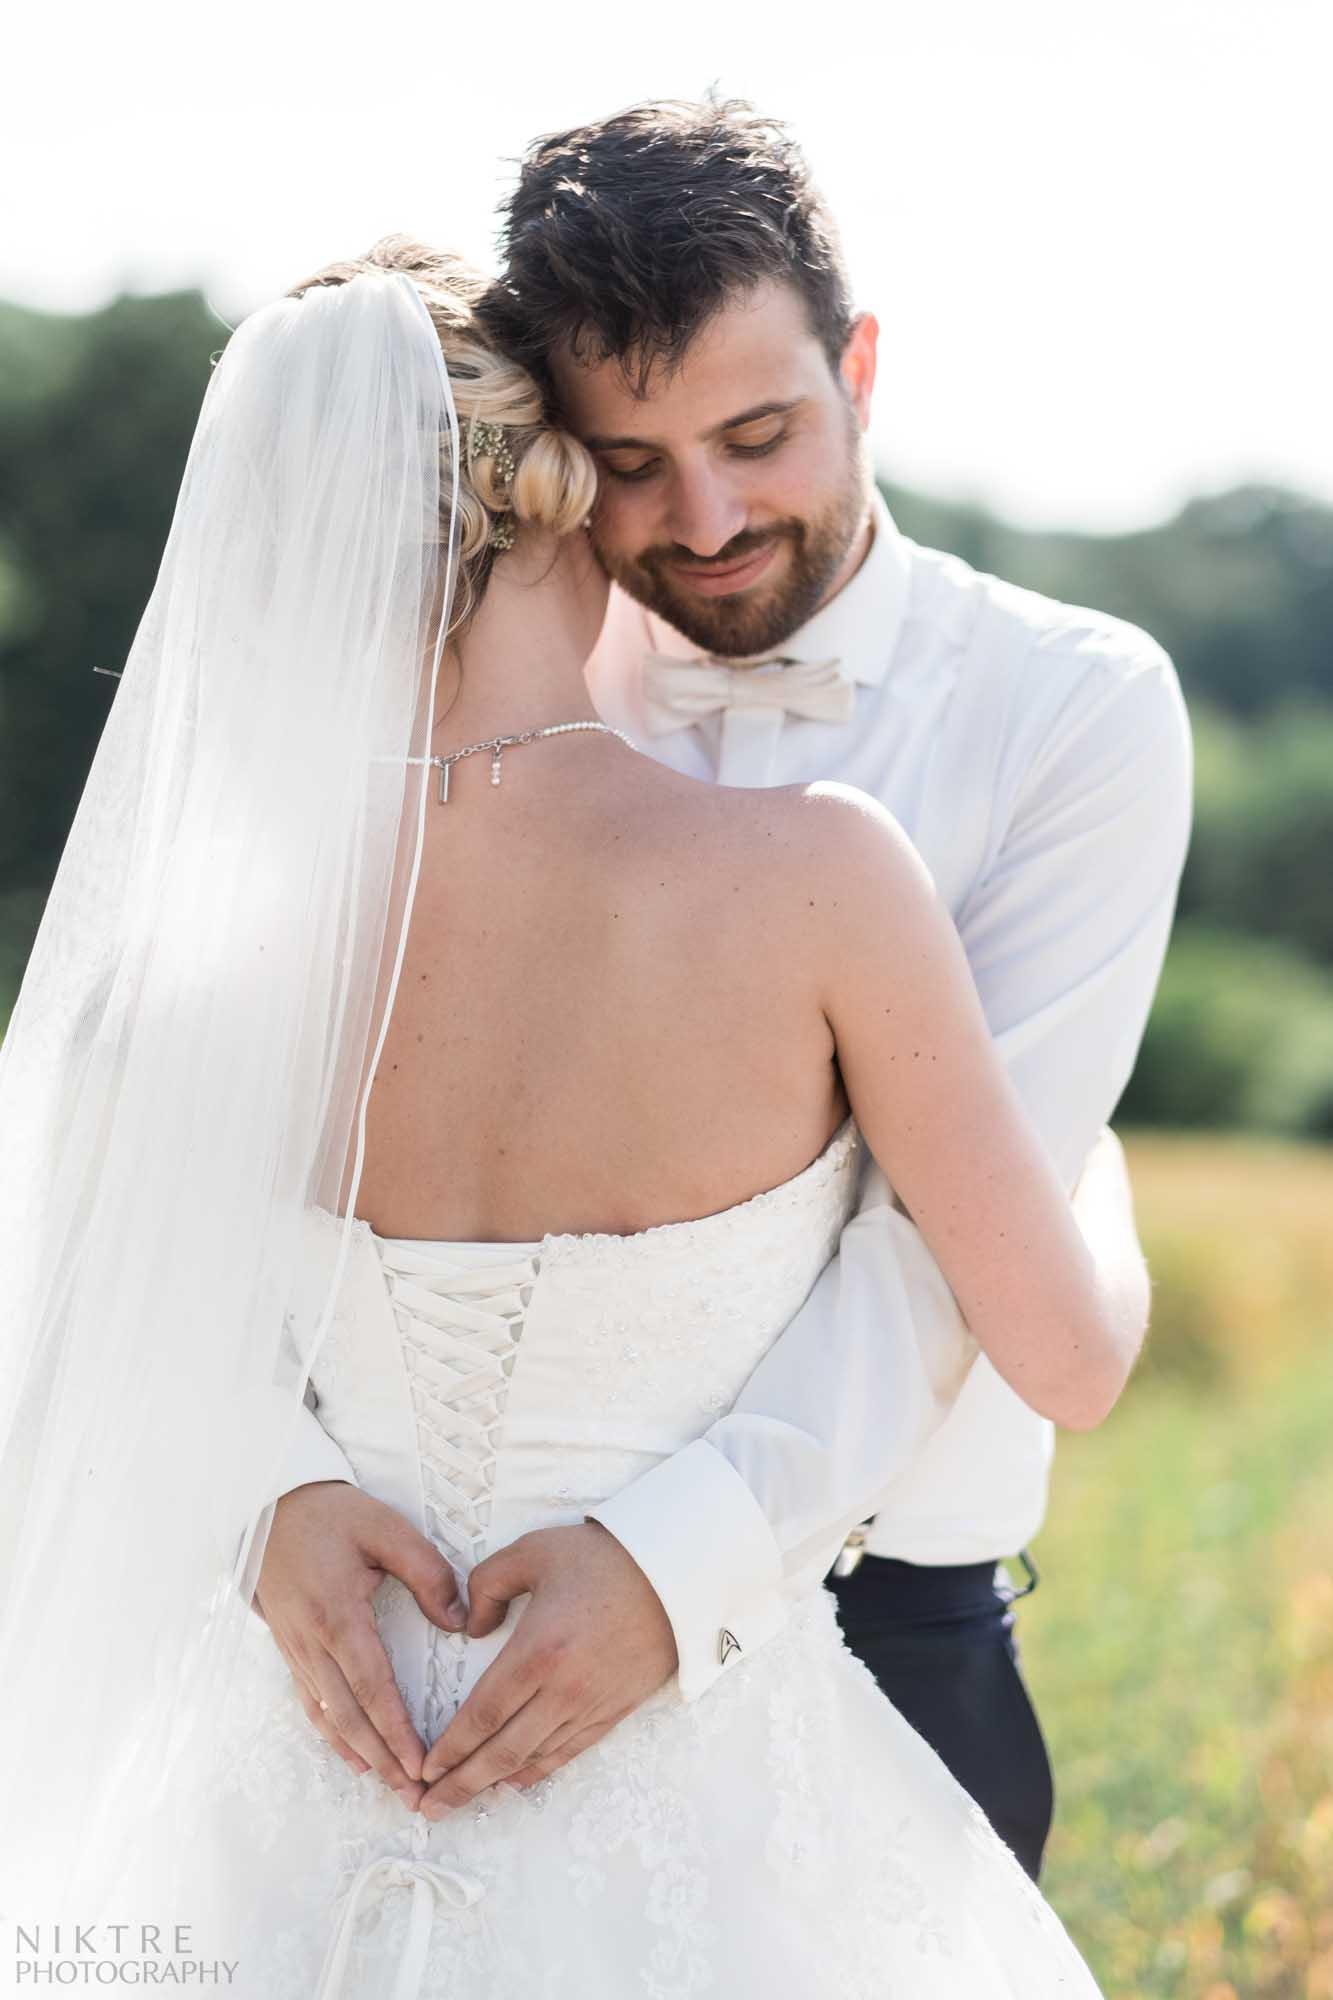 Bräutigam umarmt seine Braut auf einem romantischen Bild